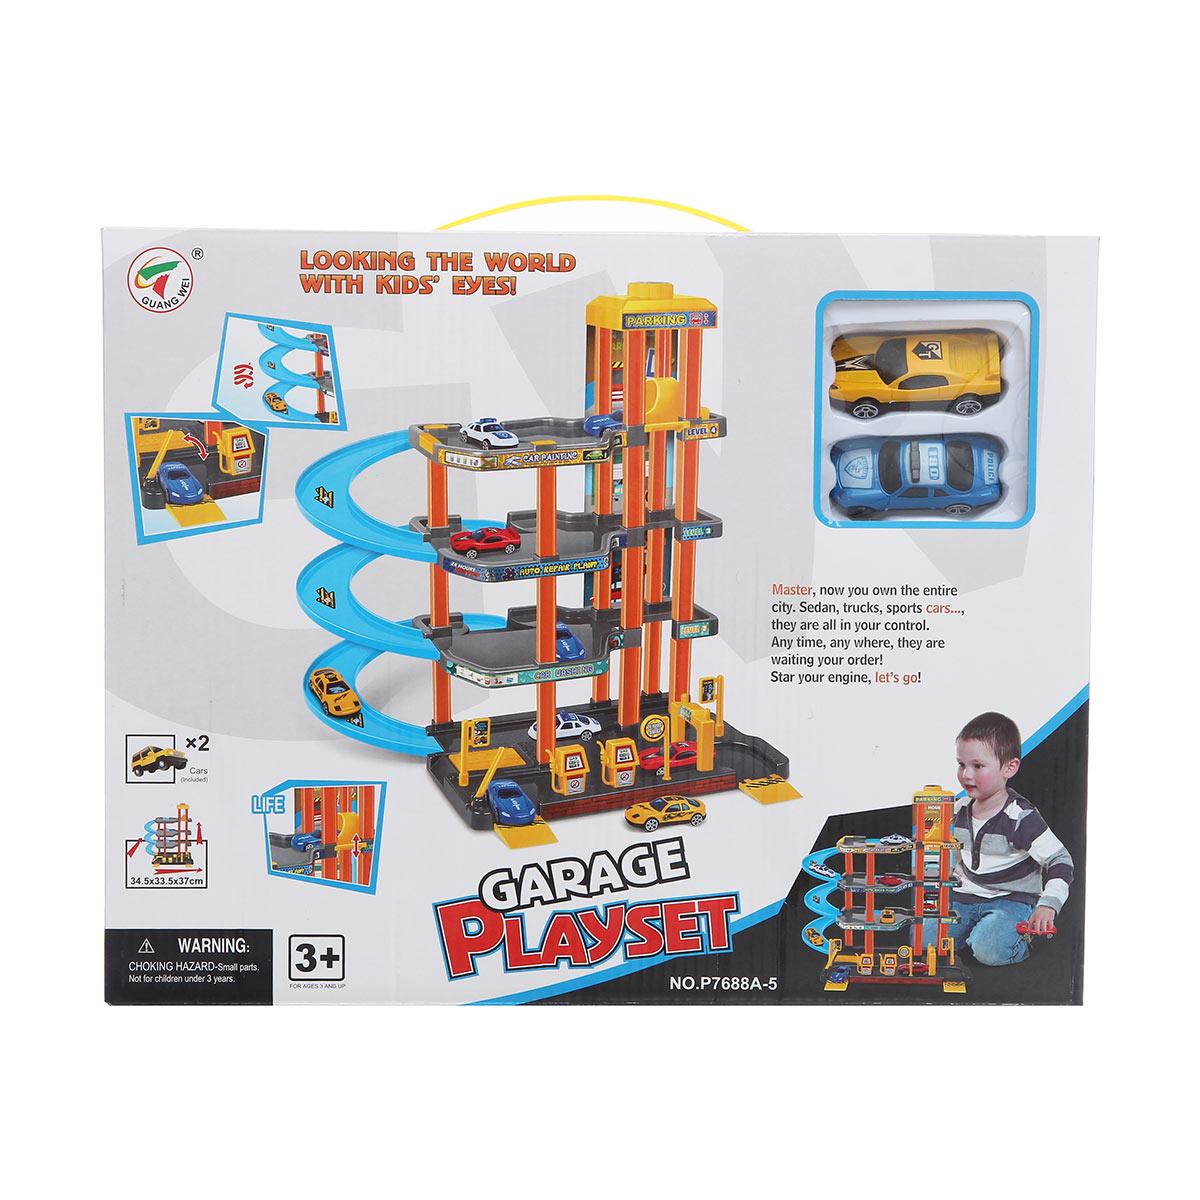 Игровой набор – Четырёхуровневый гараж с машинками - Детские парковки и гаражи, артикул: 161388